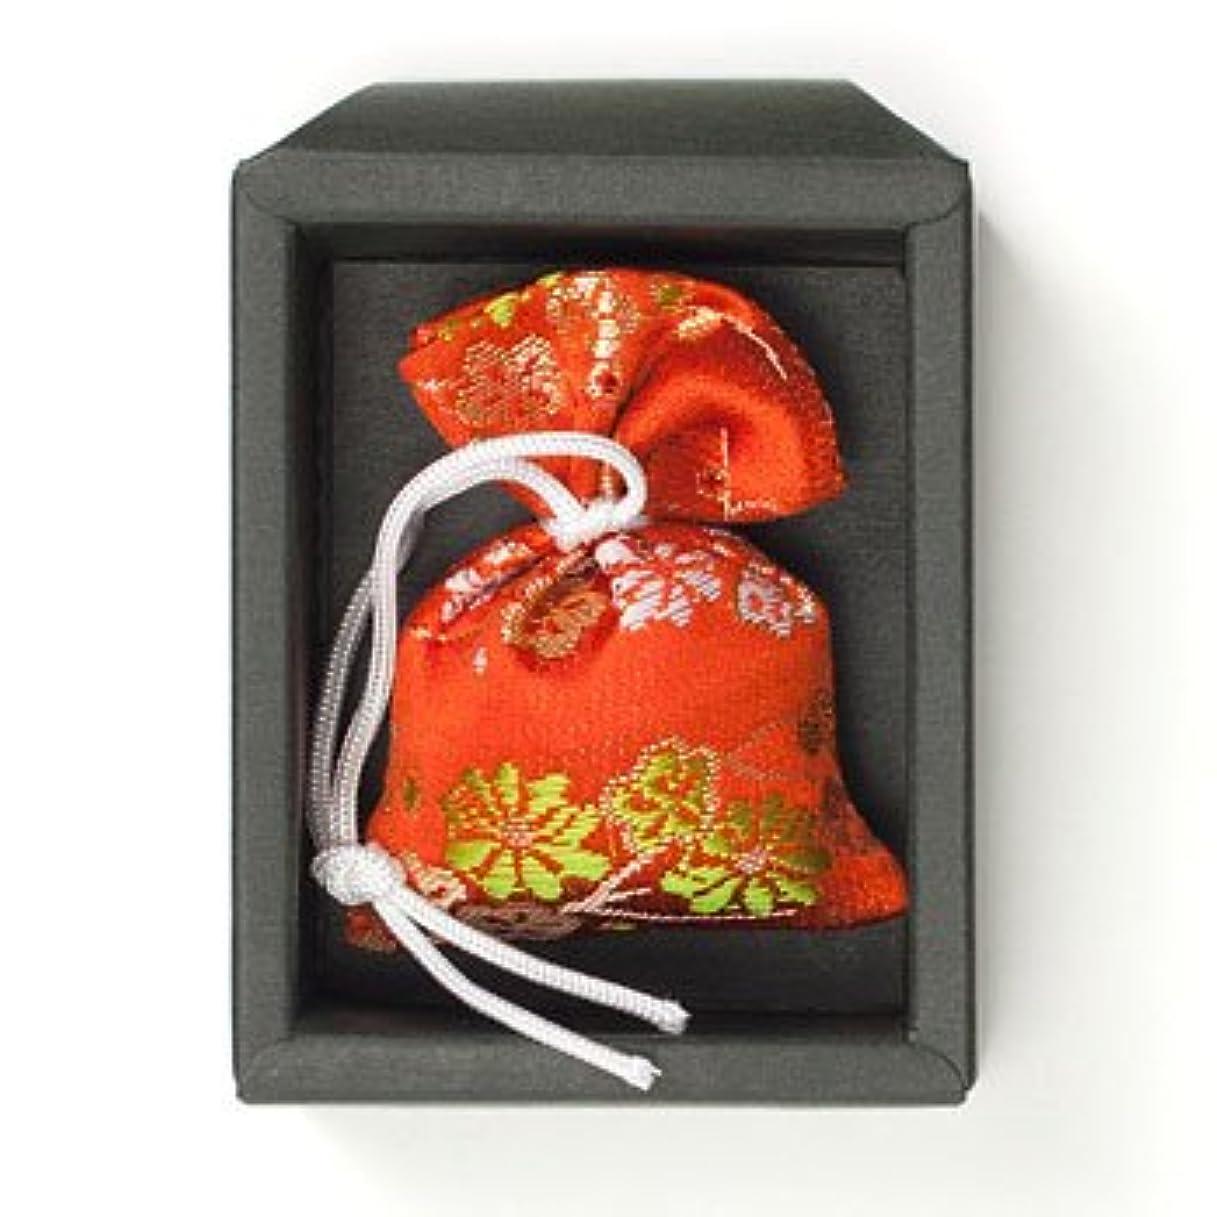 ブースト極めて重要な獲物匂い袋 誰が袖 極品 1個入 松栄堂 Shoyeido 本体長さ60mm (色?柄は選べません)